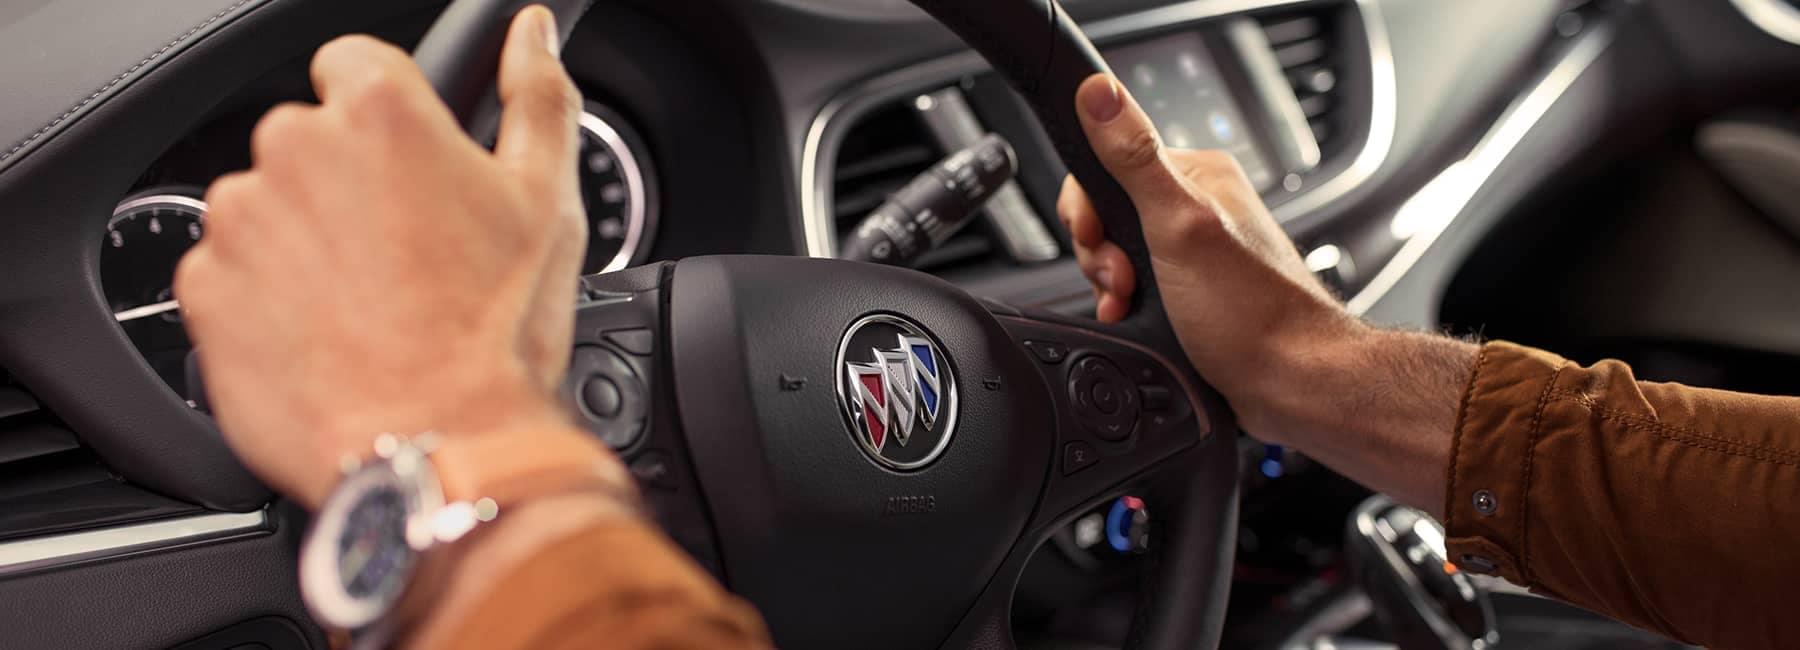 2020 Buick Enclave Steering Wheel_mobile